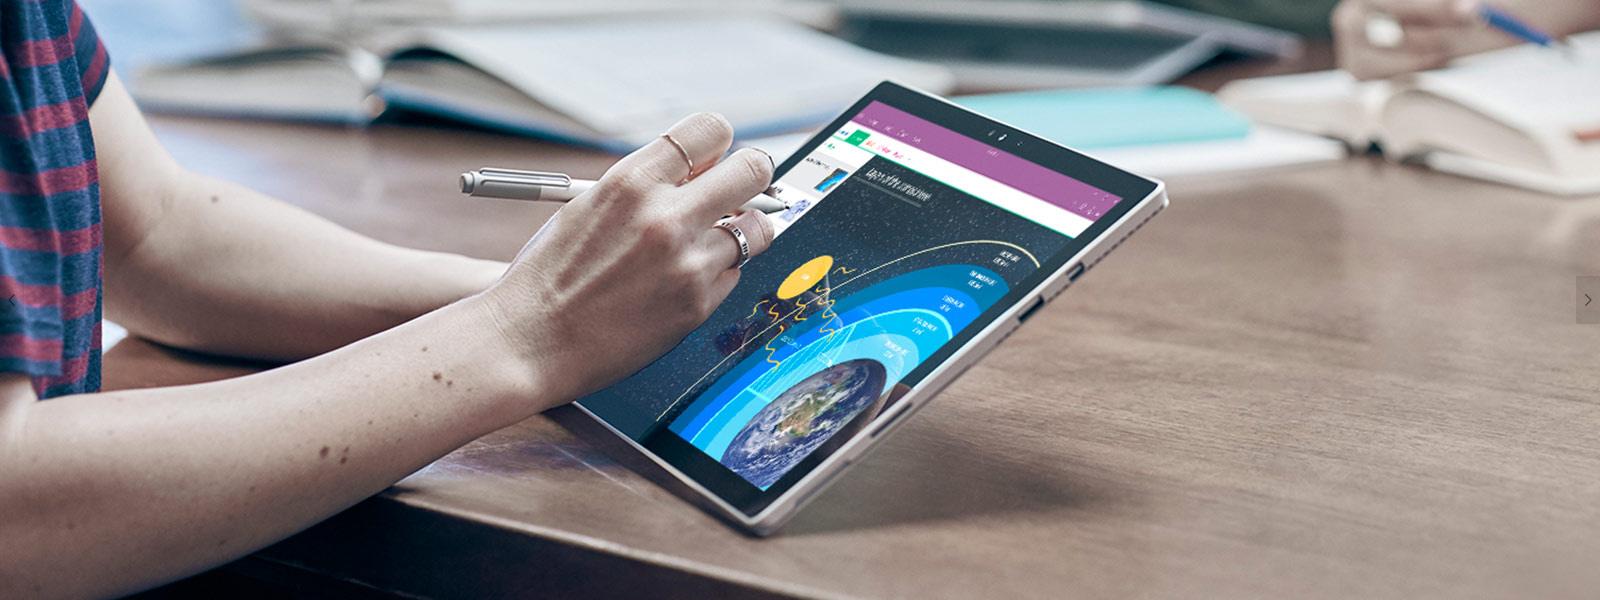 有個人在採用平板電腦模式的 Surface 筆記型電腦上使用 Surface 手寫筆。